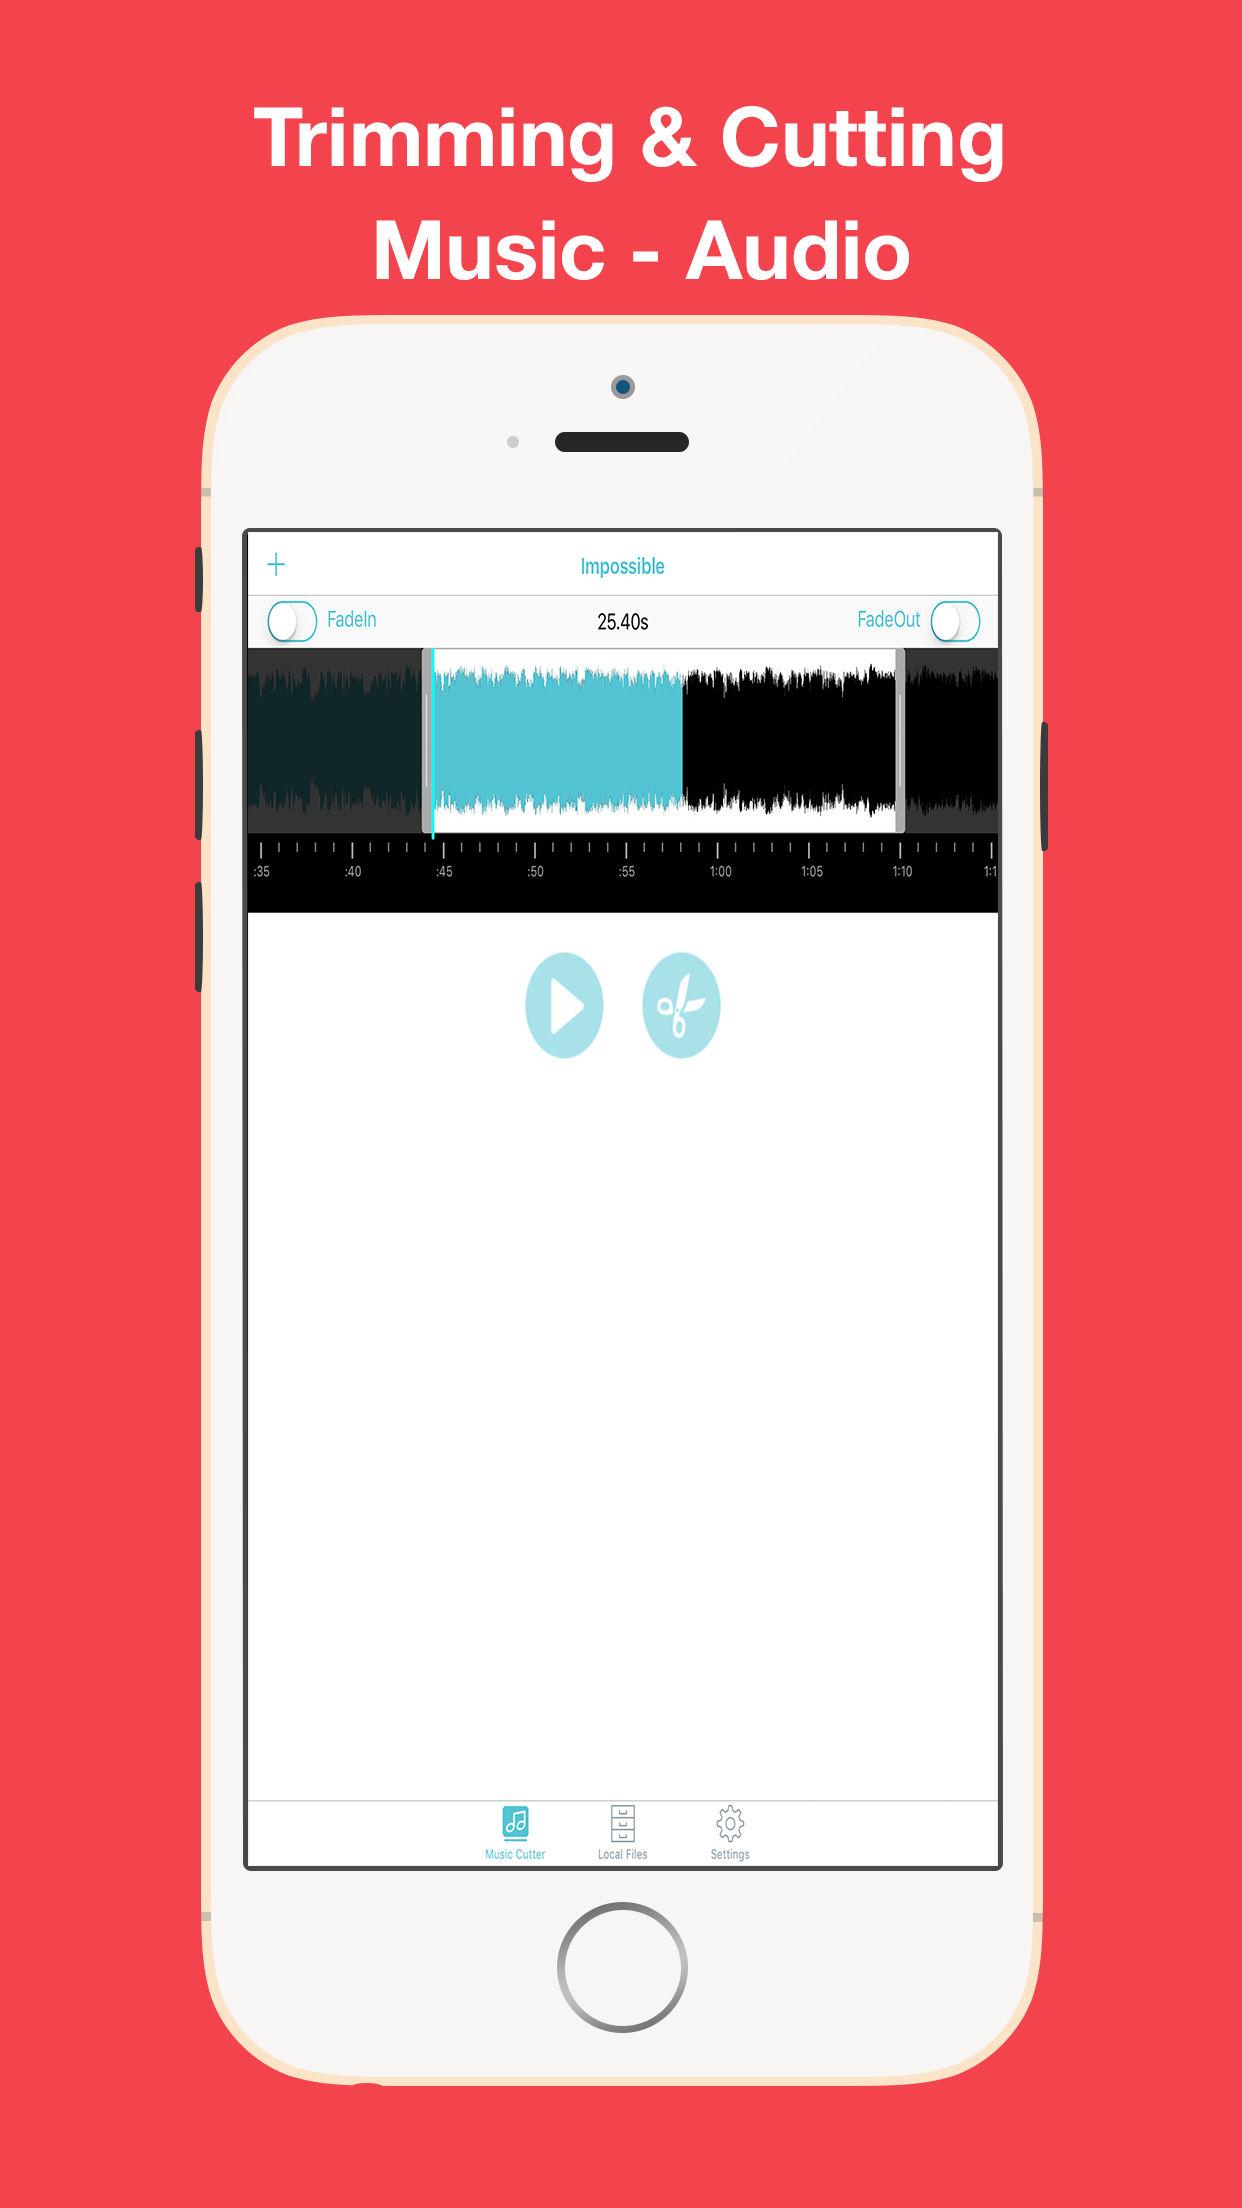 MP3 Cutter – Cut Music Maker and Audio